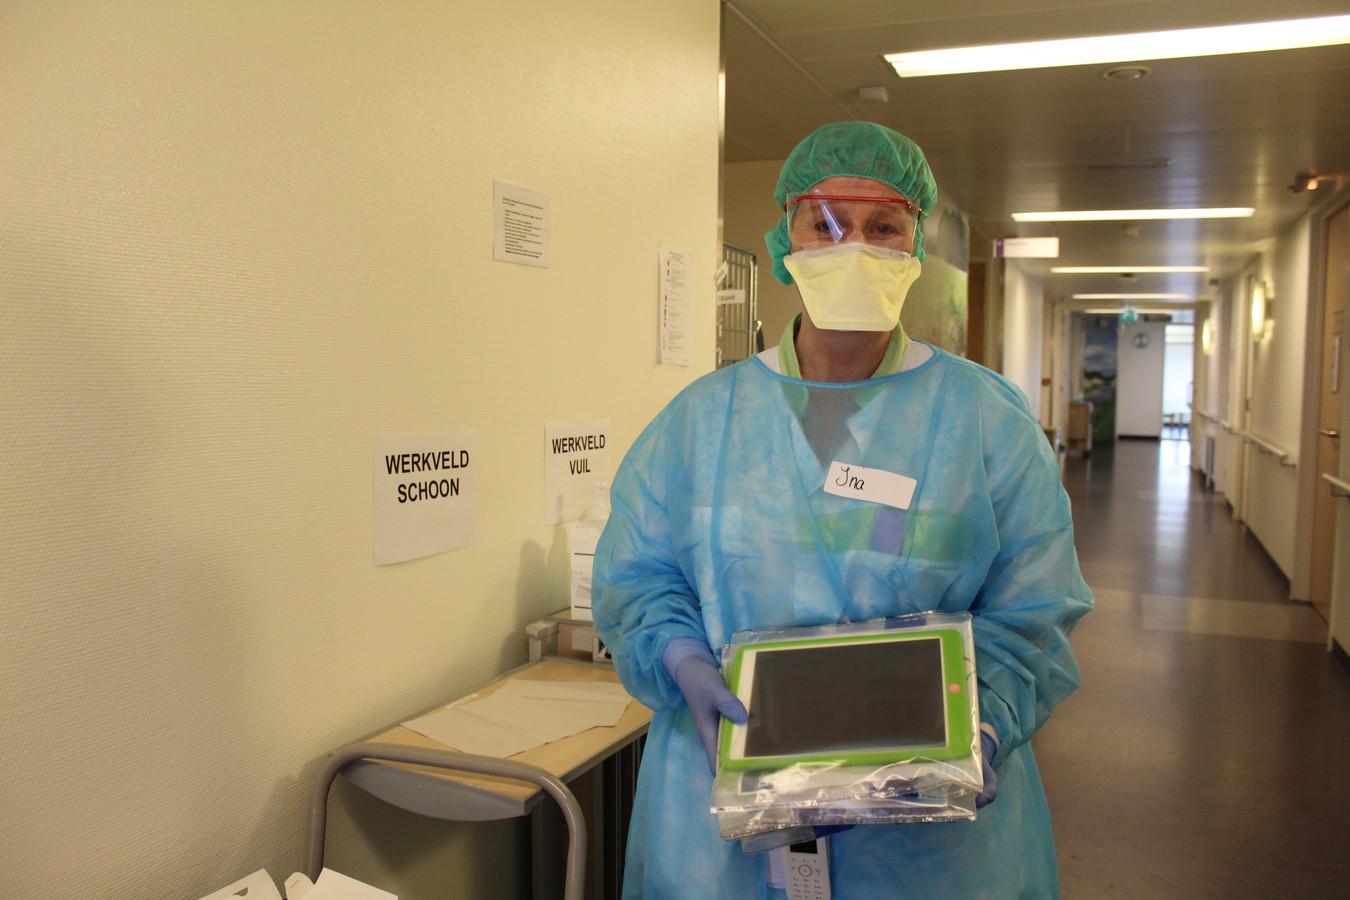 Een verpleegkundige op de corona-afdeling van het SKB in Winterswijk toont één van de iPad's (netjes ingepakt in een beschermhoesje) voor patiënten die in afzondering op de afdeling liggen. Foto ter illustratie.